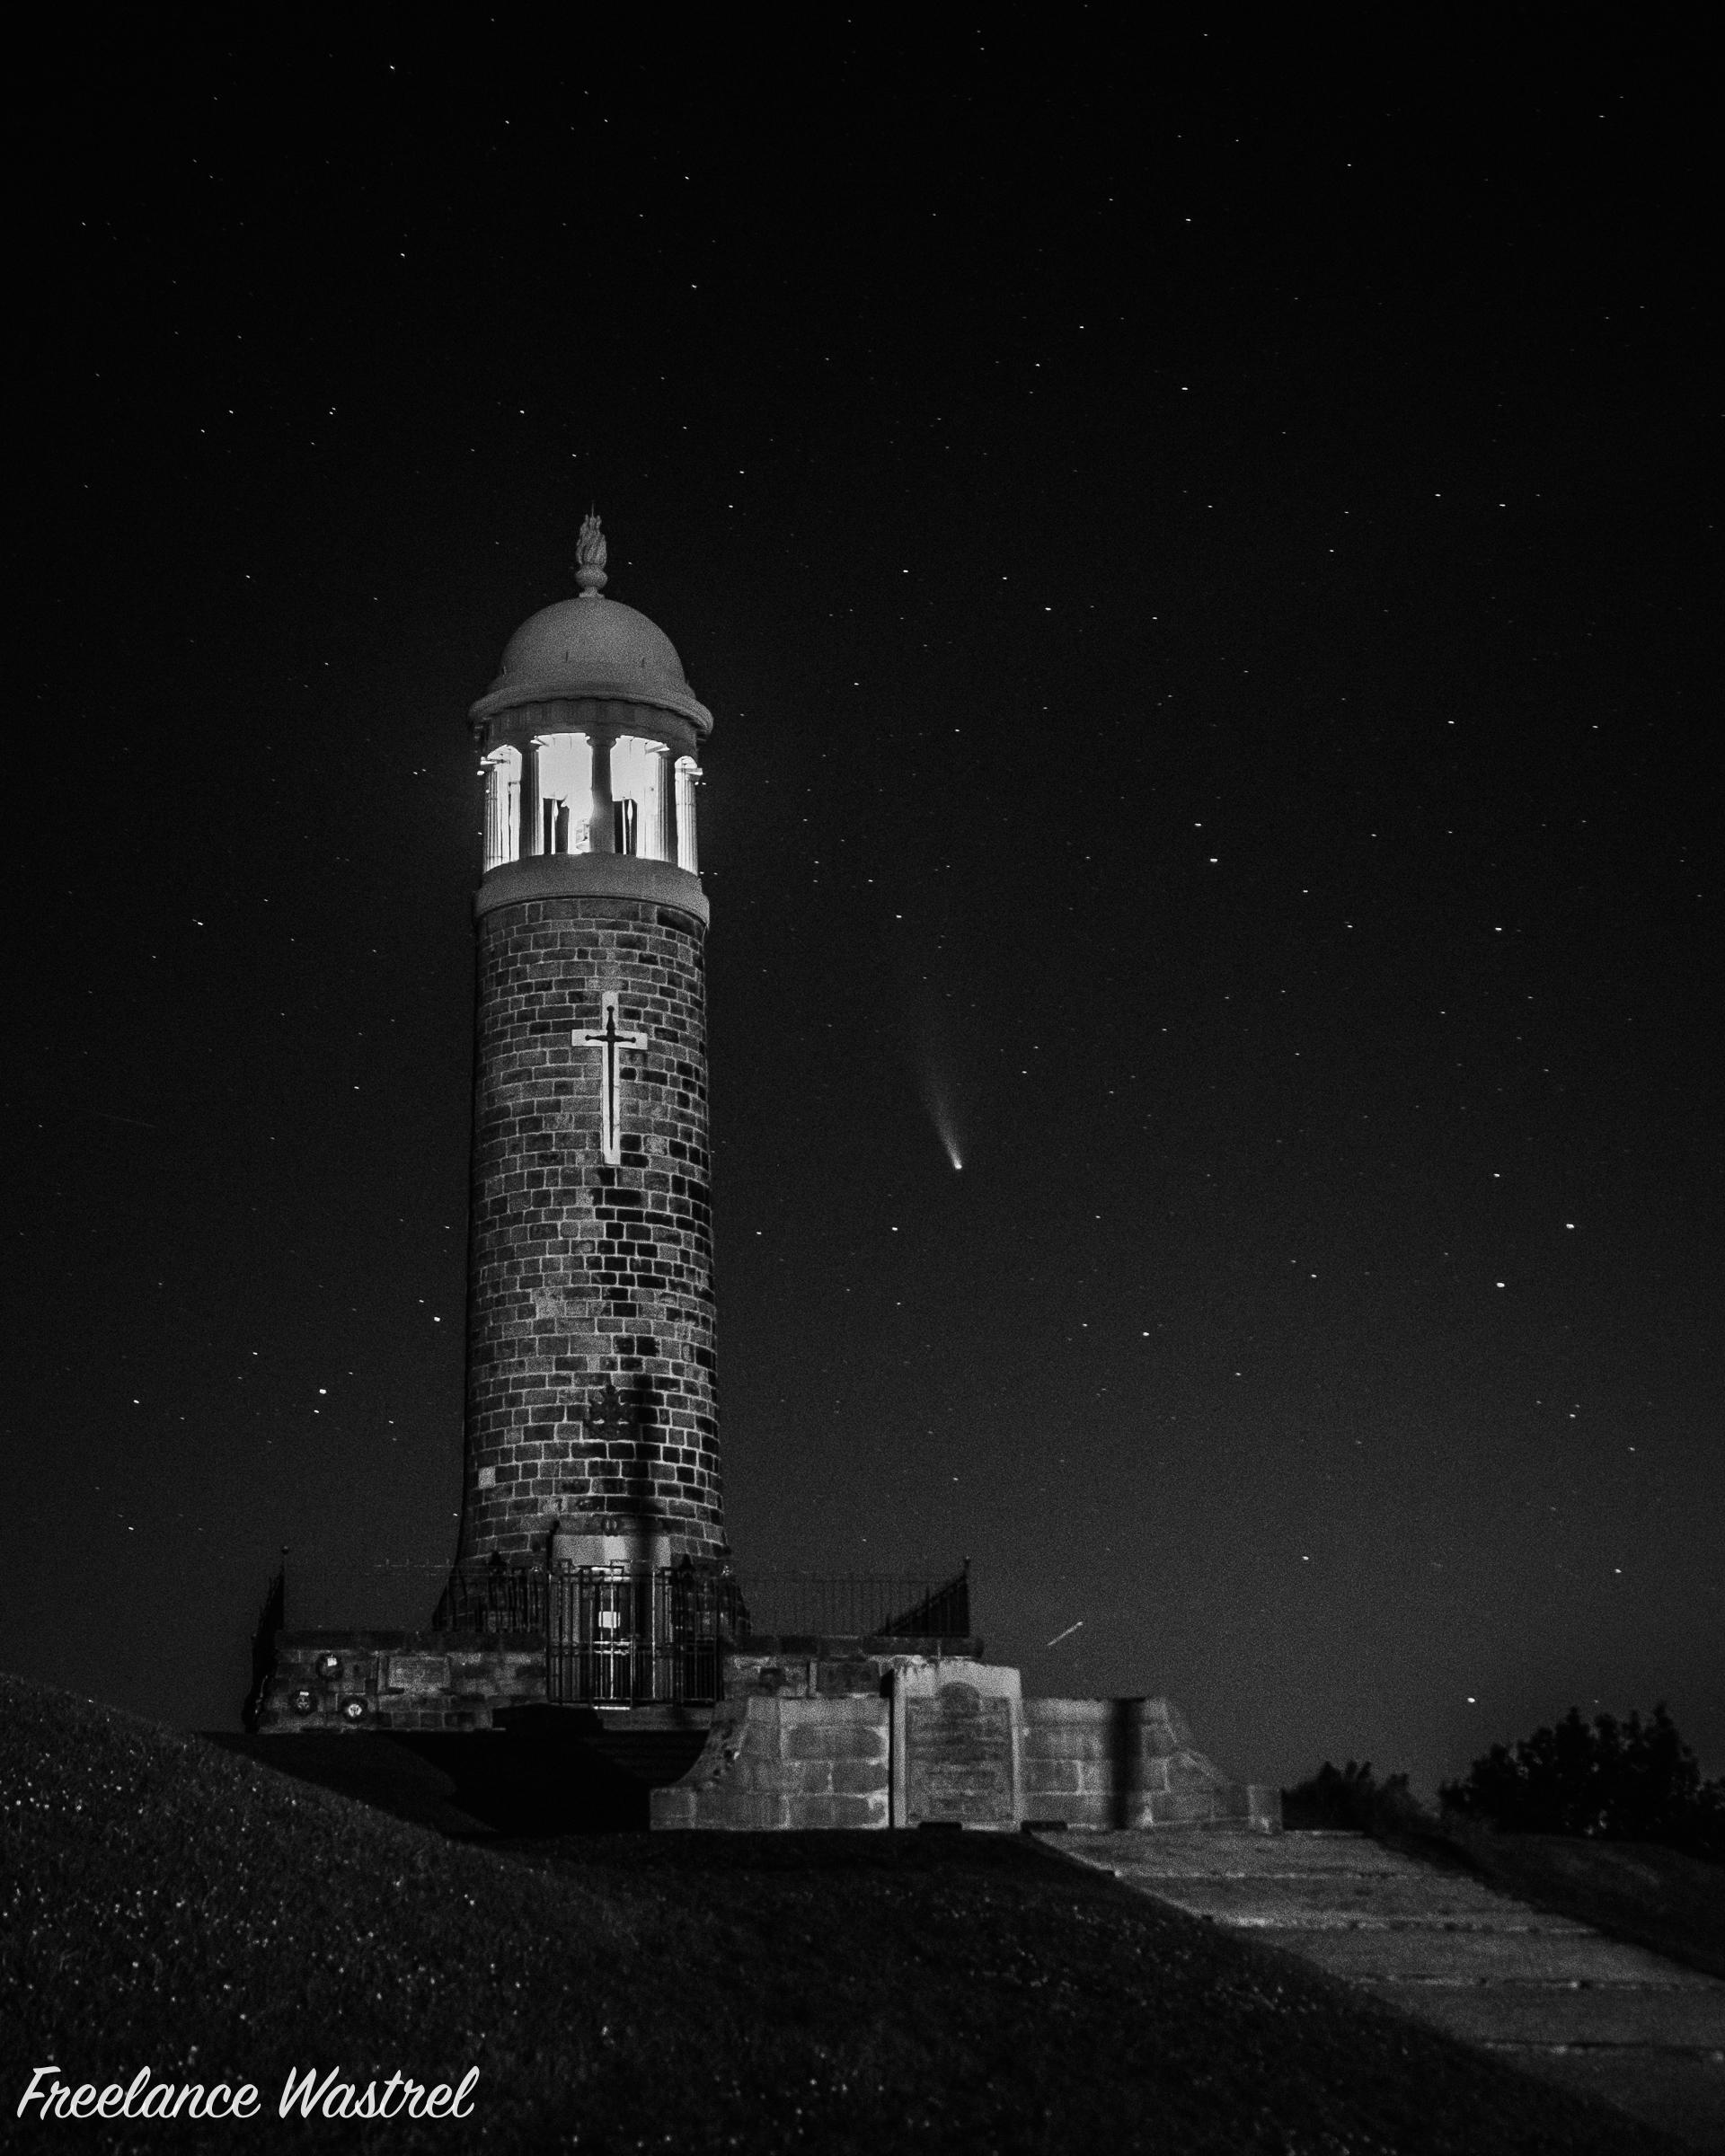 Comet C/2020 F3, July 2020